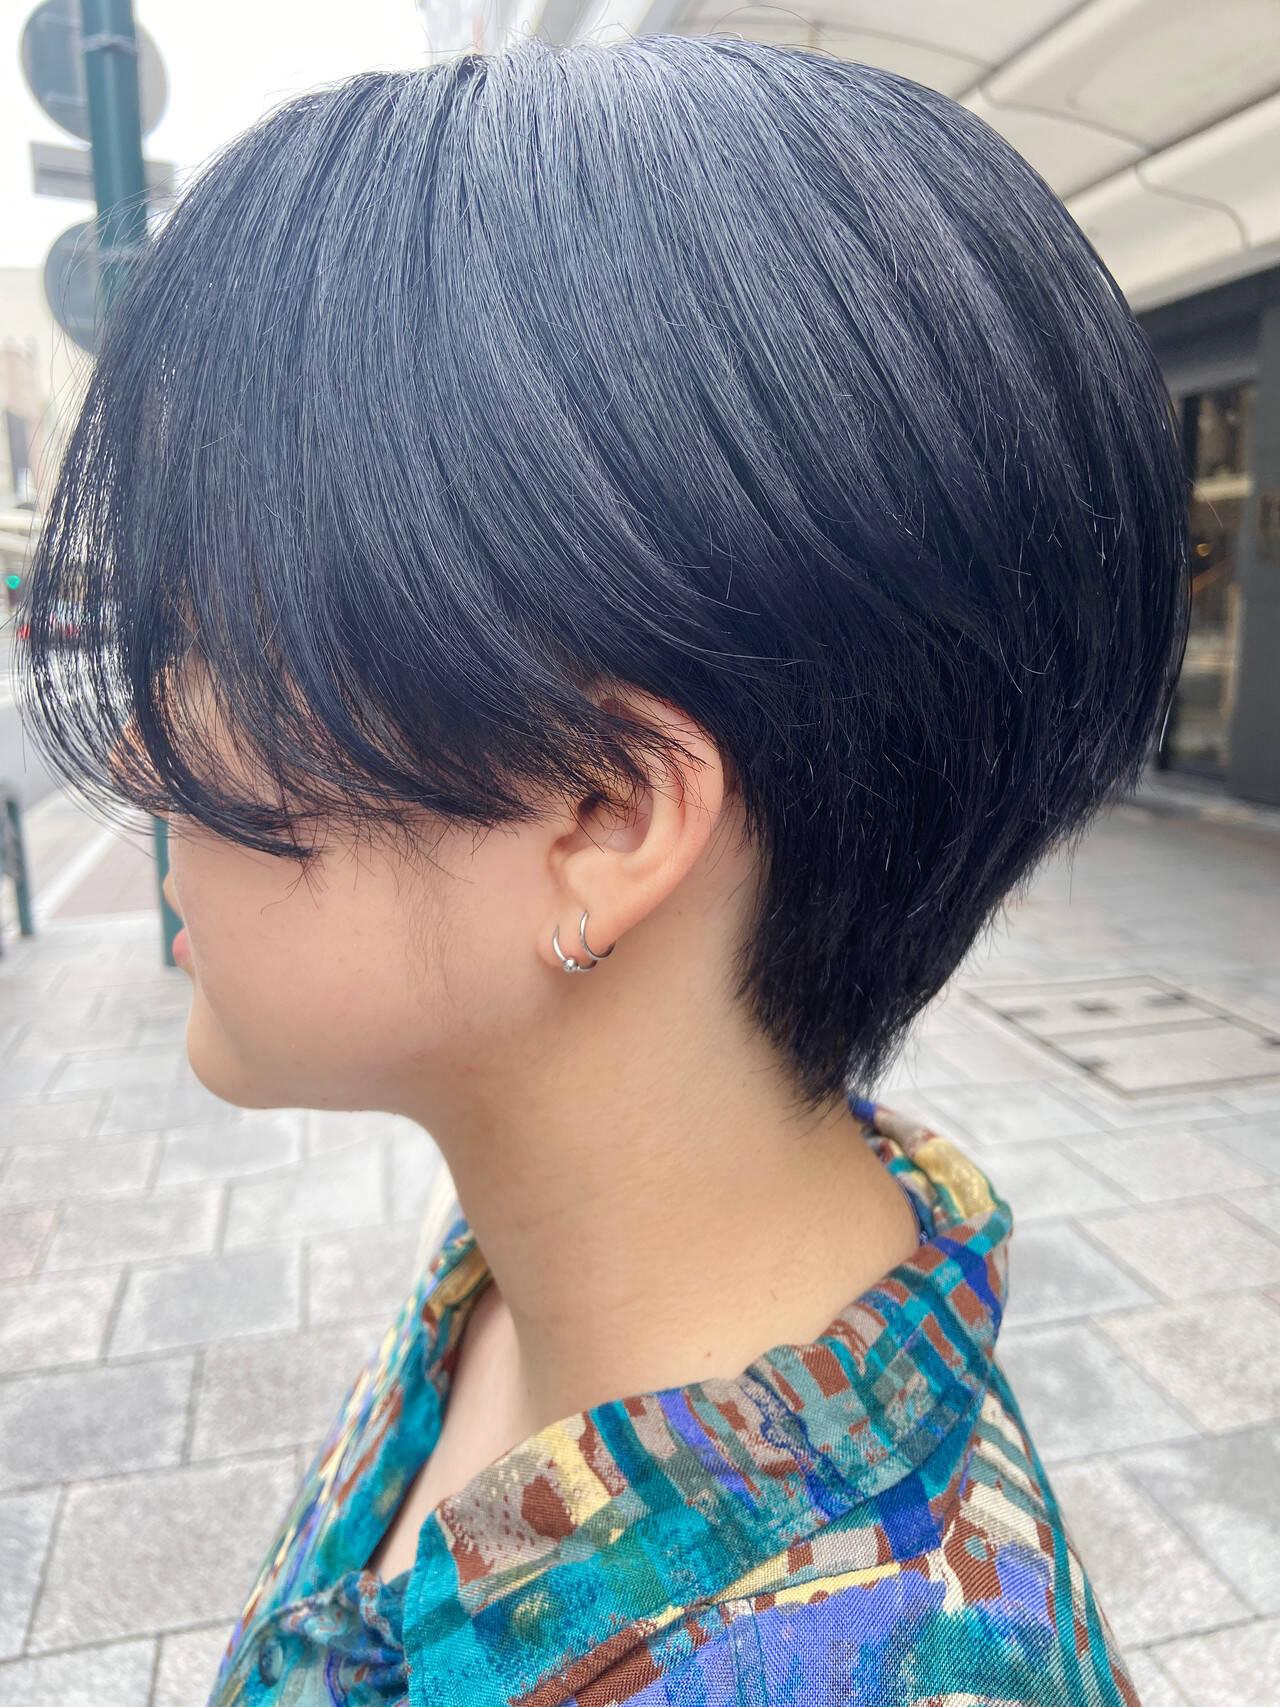 ブルーバイオレット ショート ショートヘア 大人ショートヘアスタイルや髪型の写真・画像